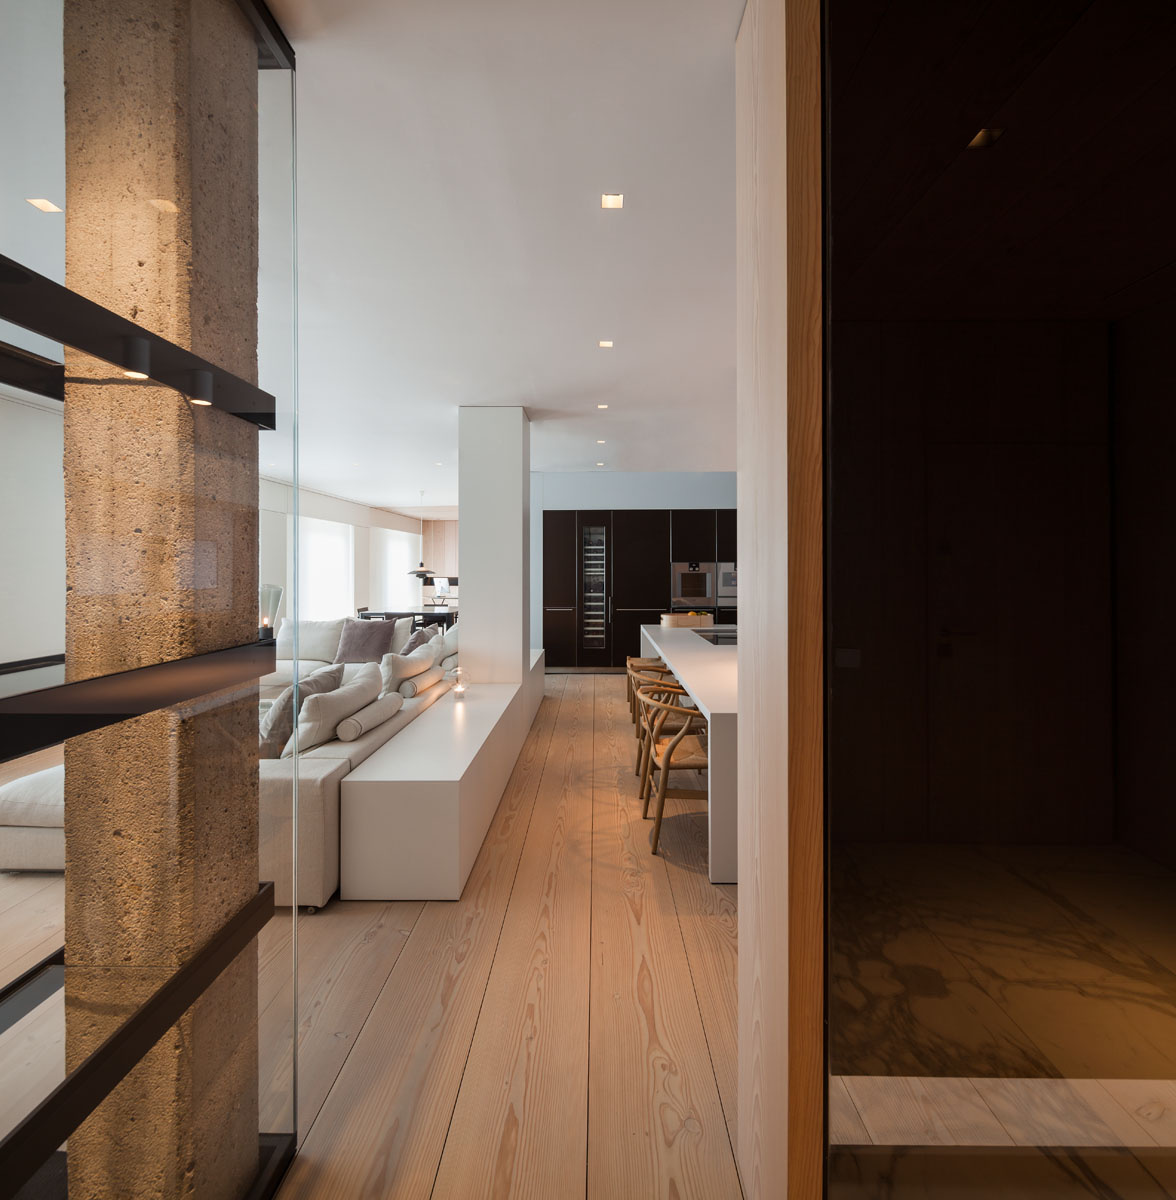 433 - Fantástico y moderno ático en Sevilla de elegante y cálido diseño minimalista